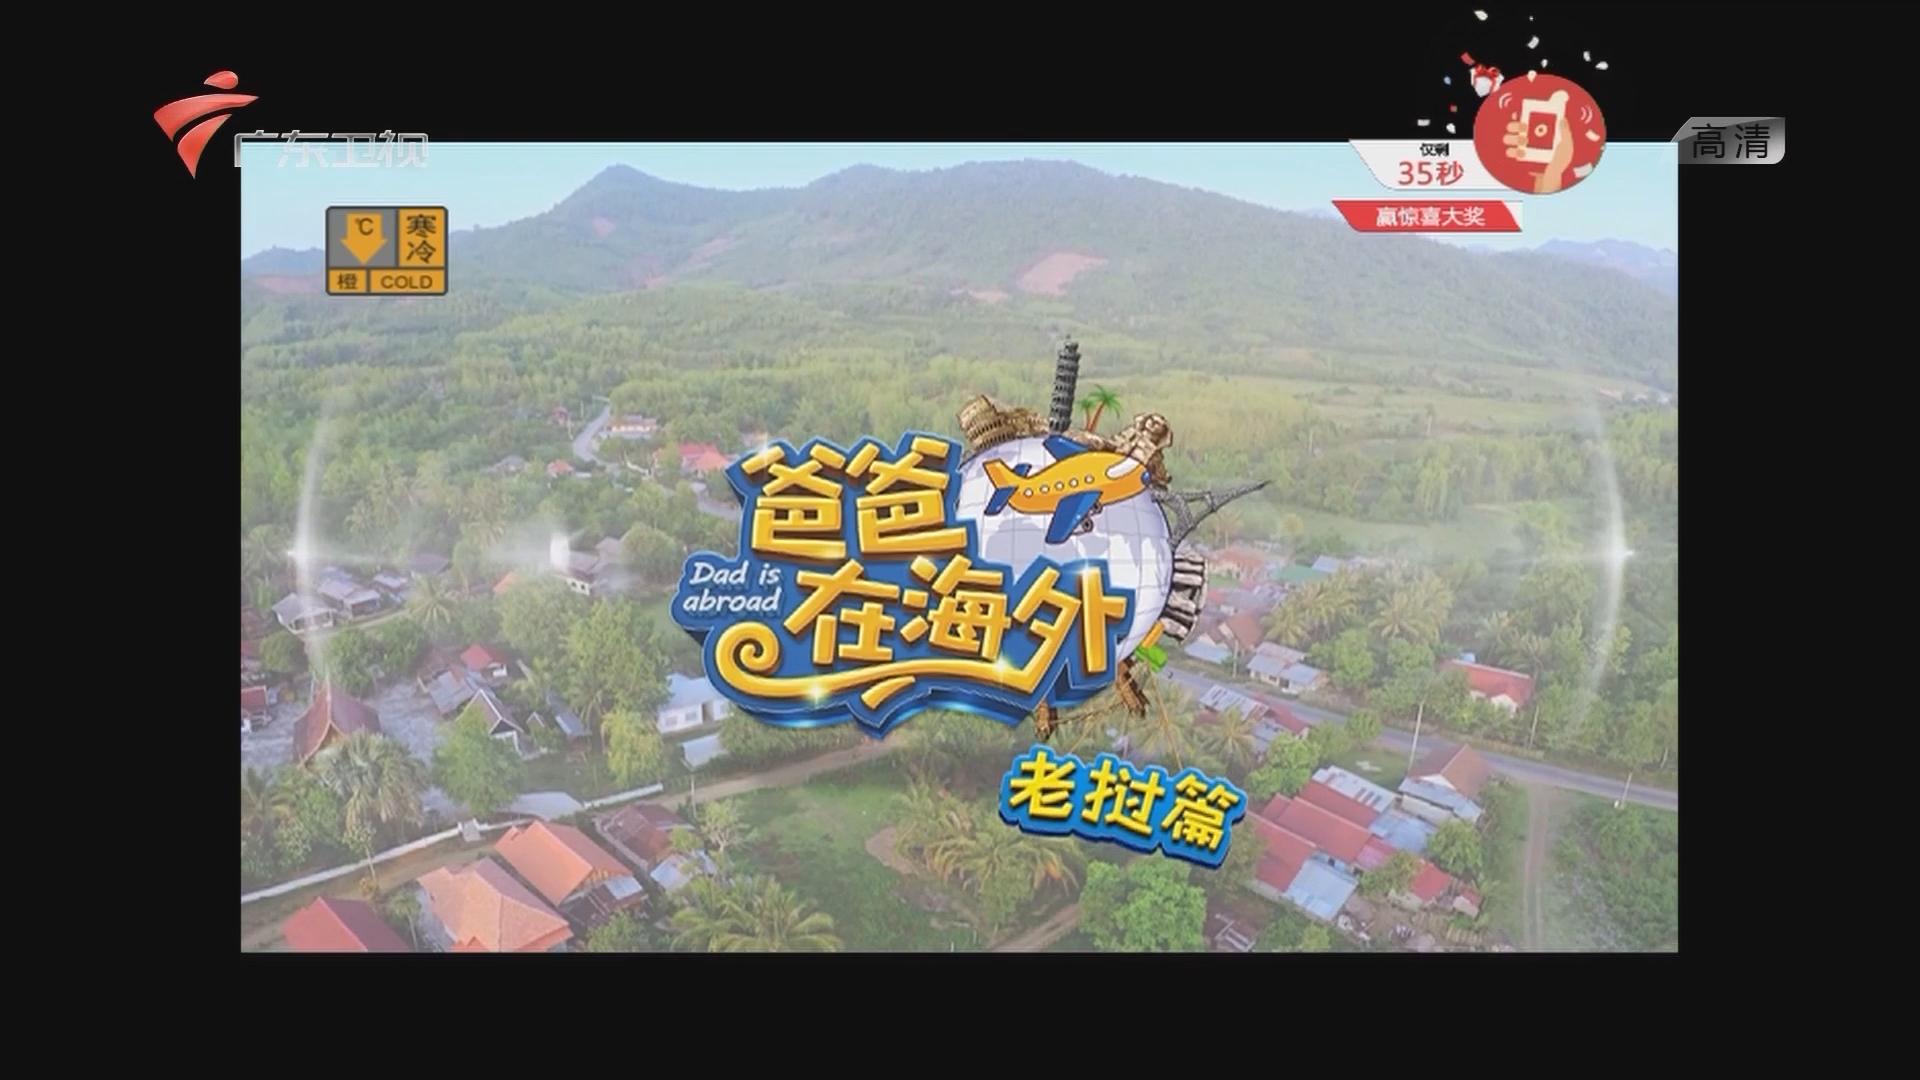 20160122《爸爸在海外》老挝篇